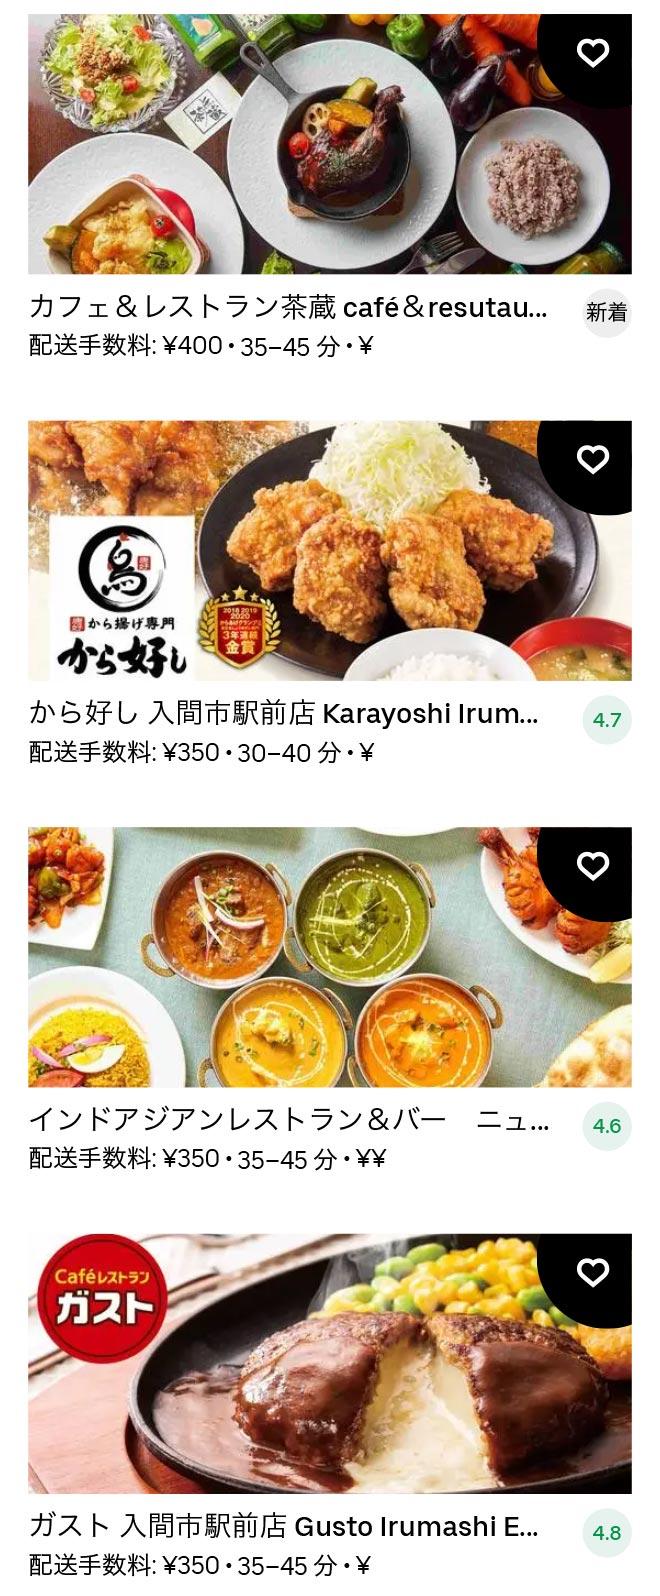 Sayama menu 2102 09